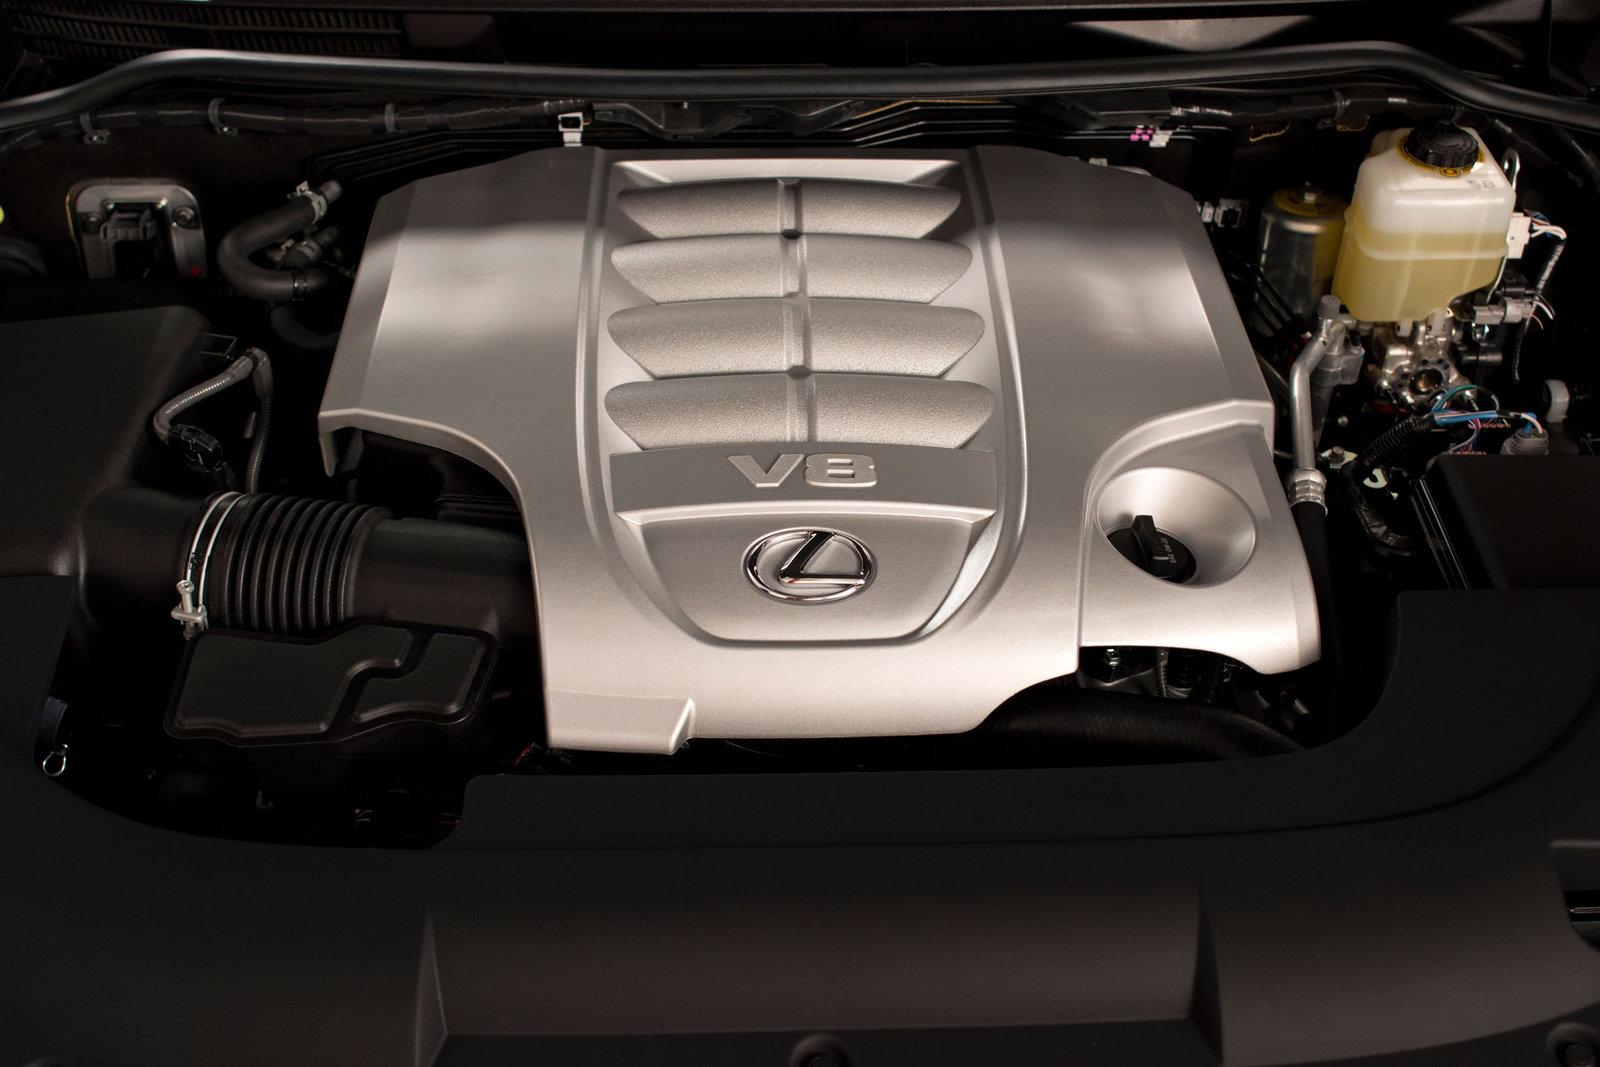 2018 Lexus LX 570 Deals, Prices, Incentives & Leases ...